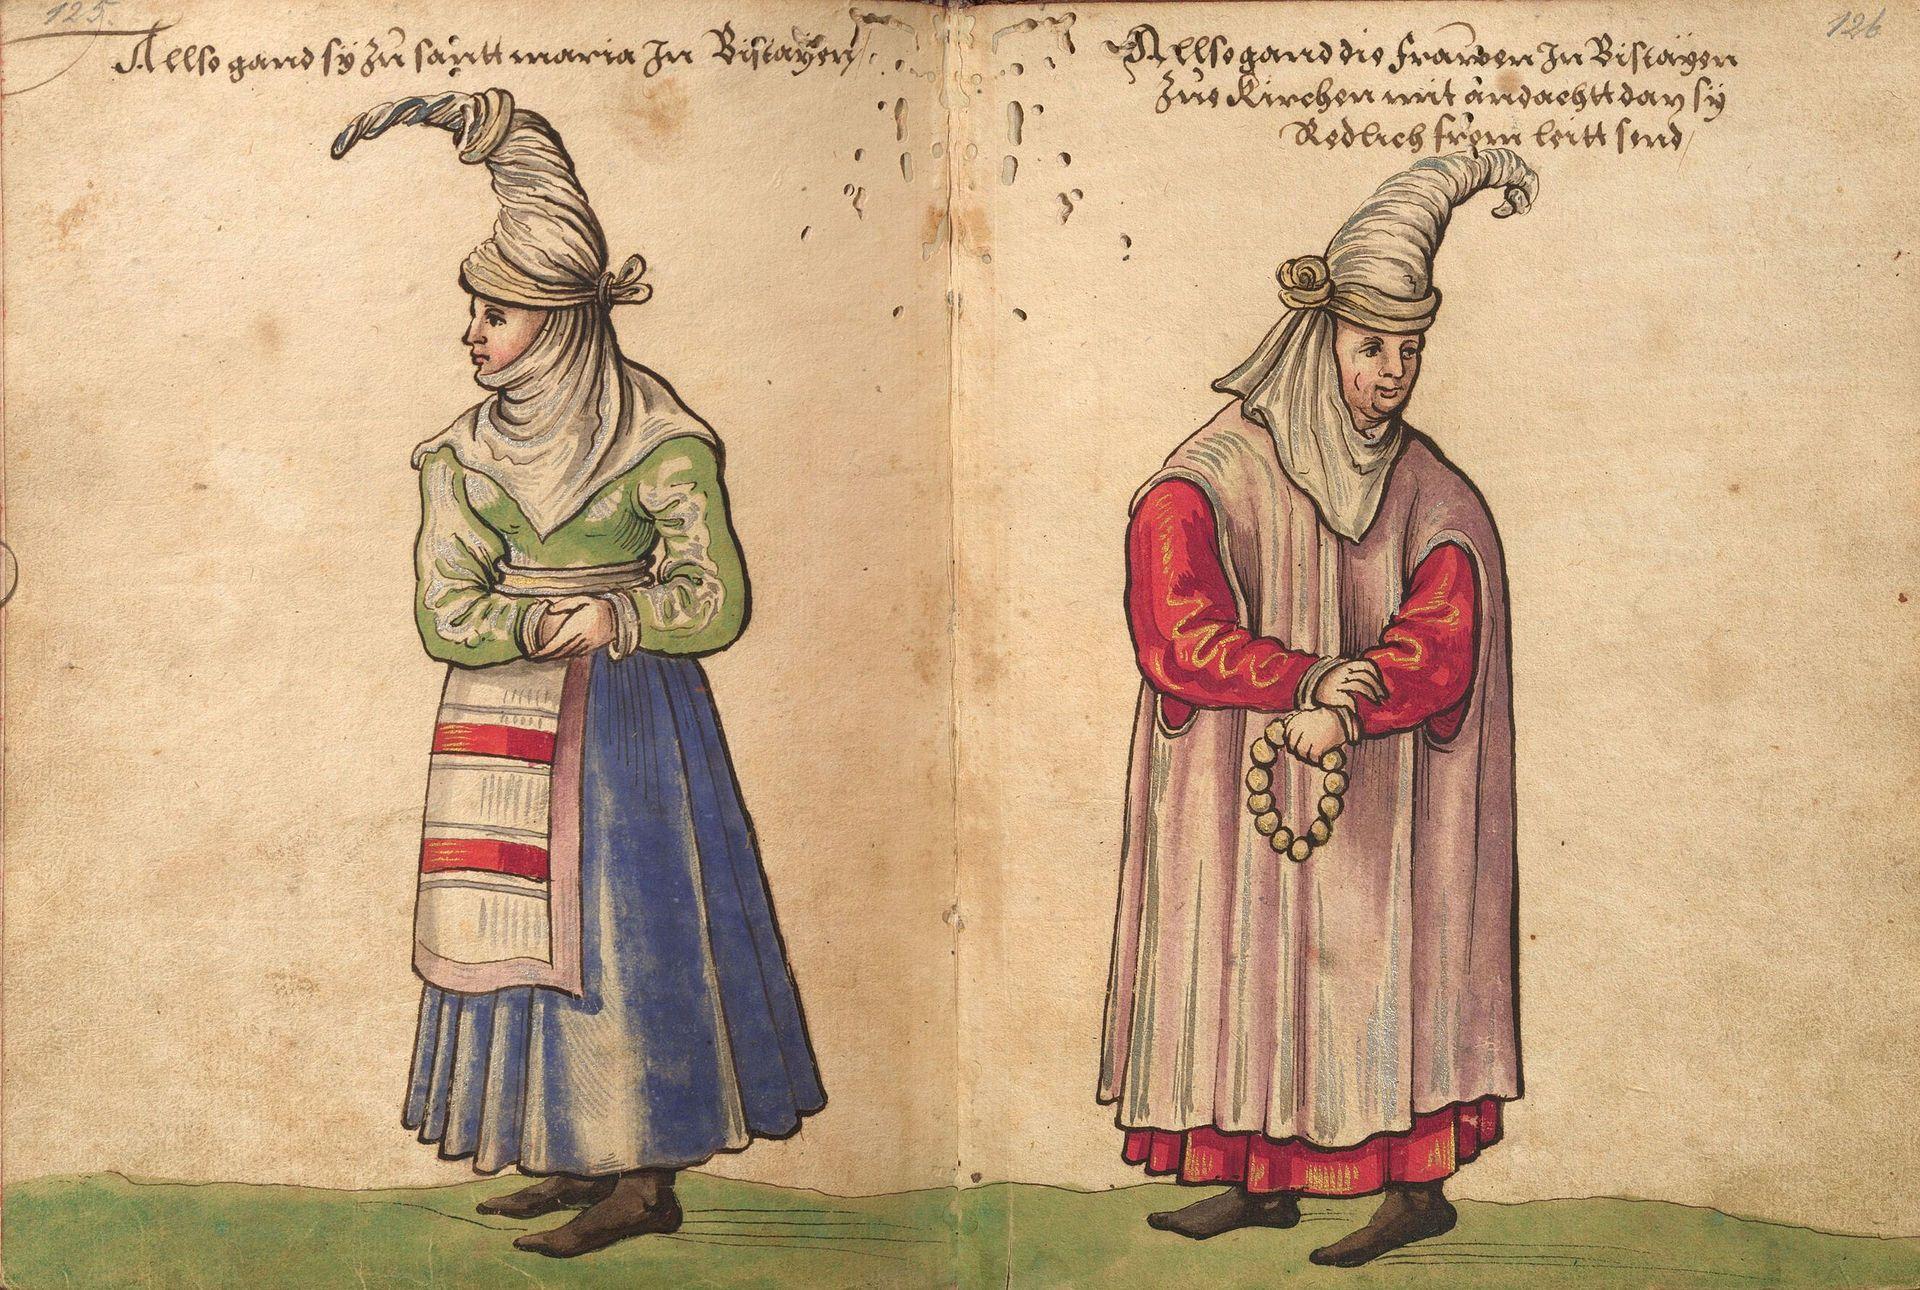 Weiditz Trachtenbuch 125-126 - Trachtenbuch des Christoph Weiditz - Wikimedia Commons